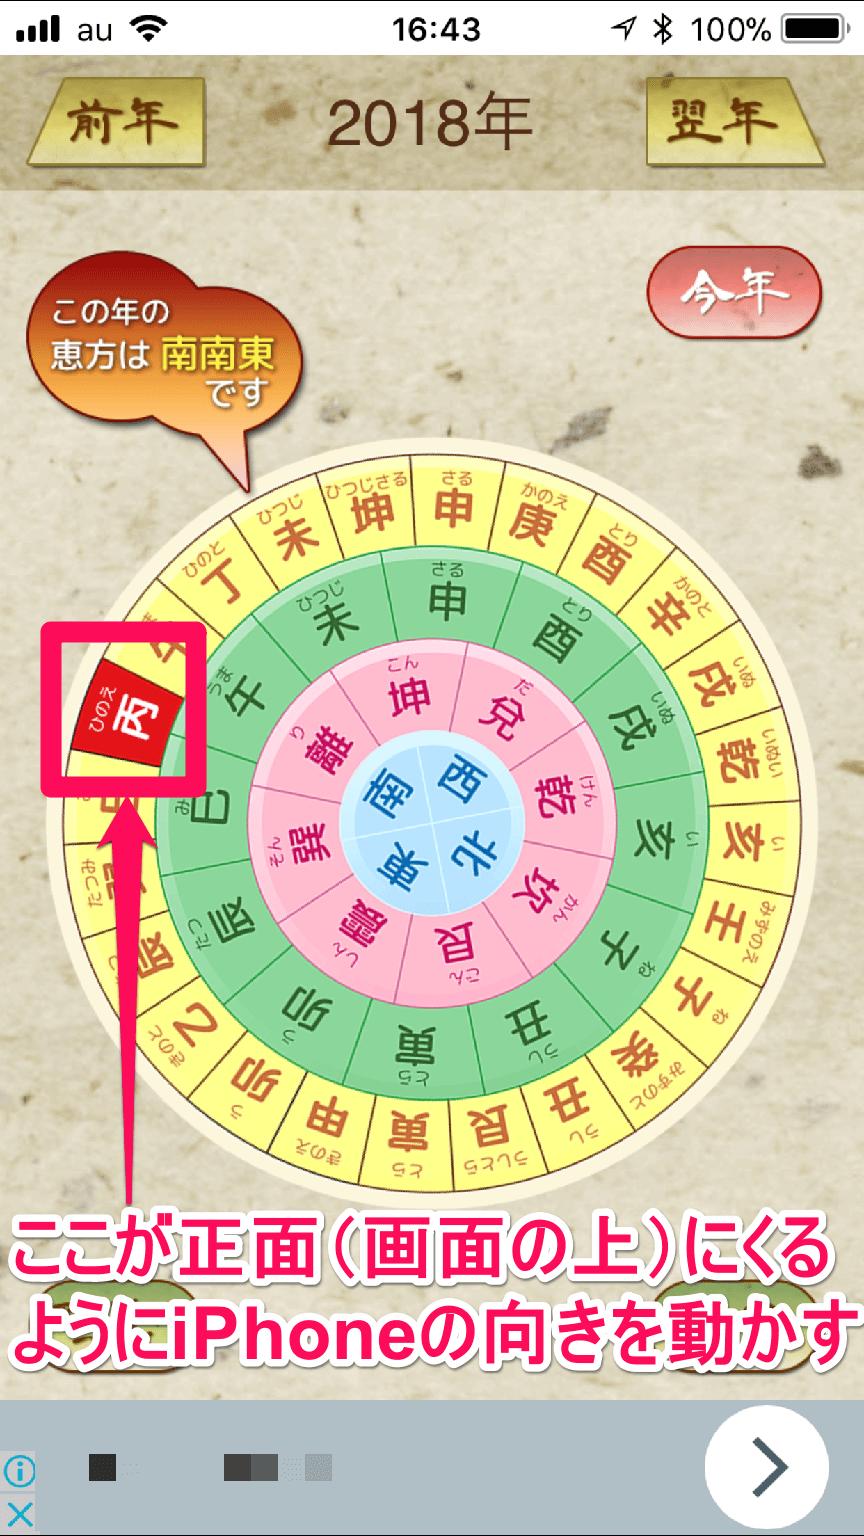 恵方コンパスの画面